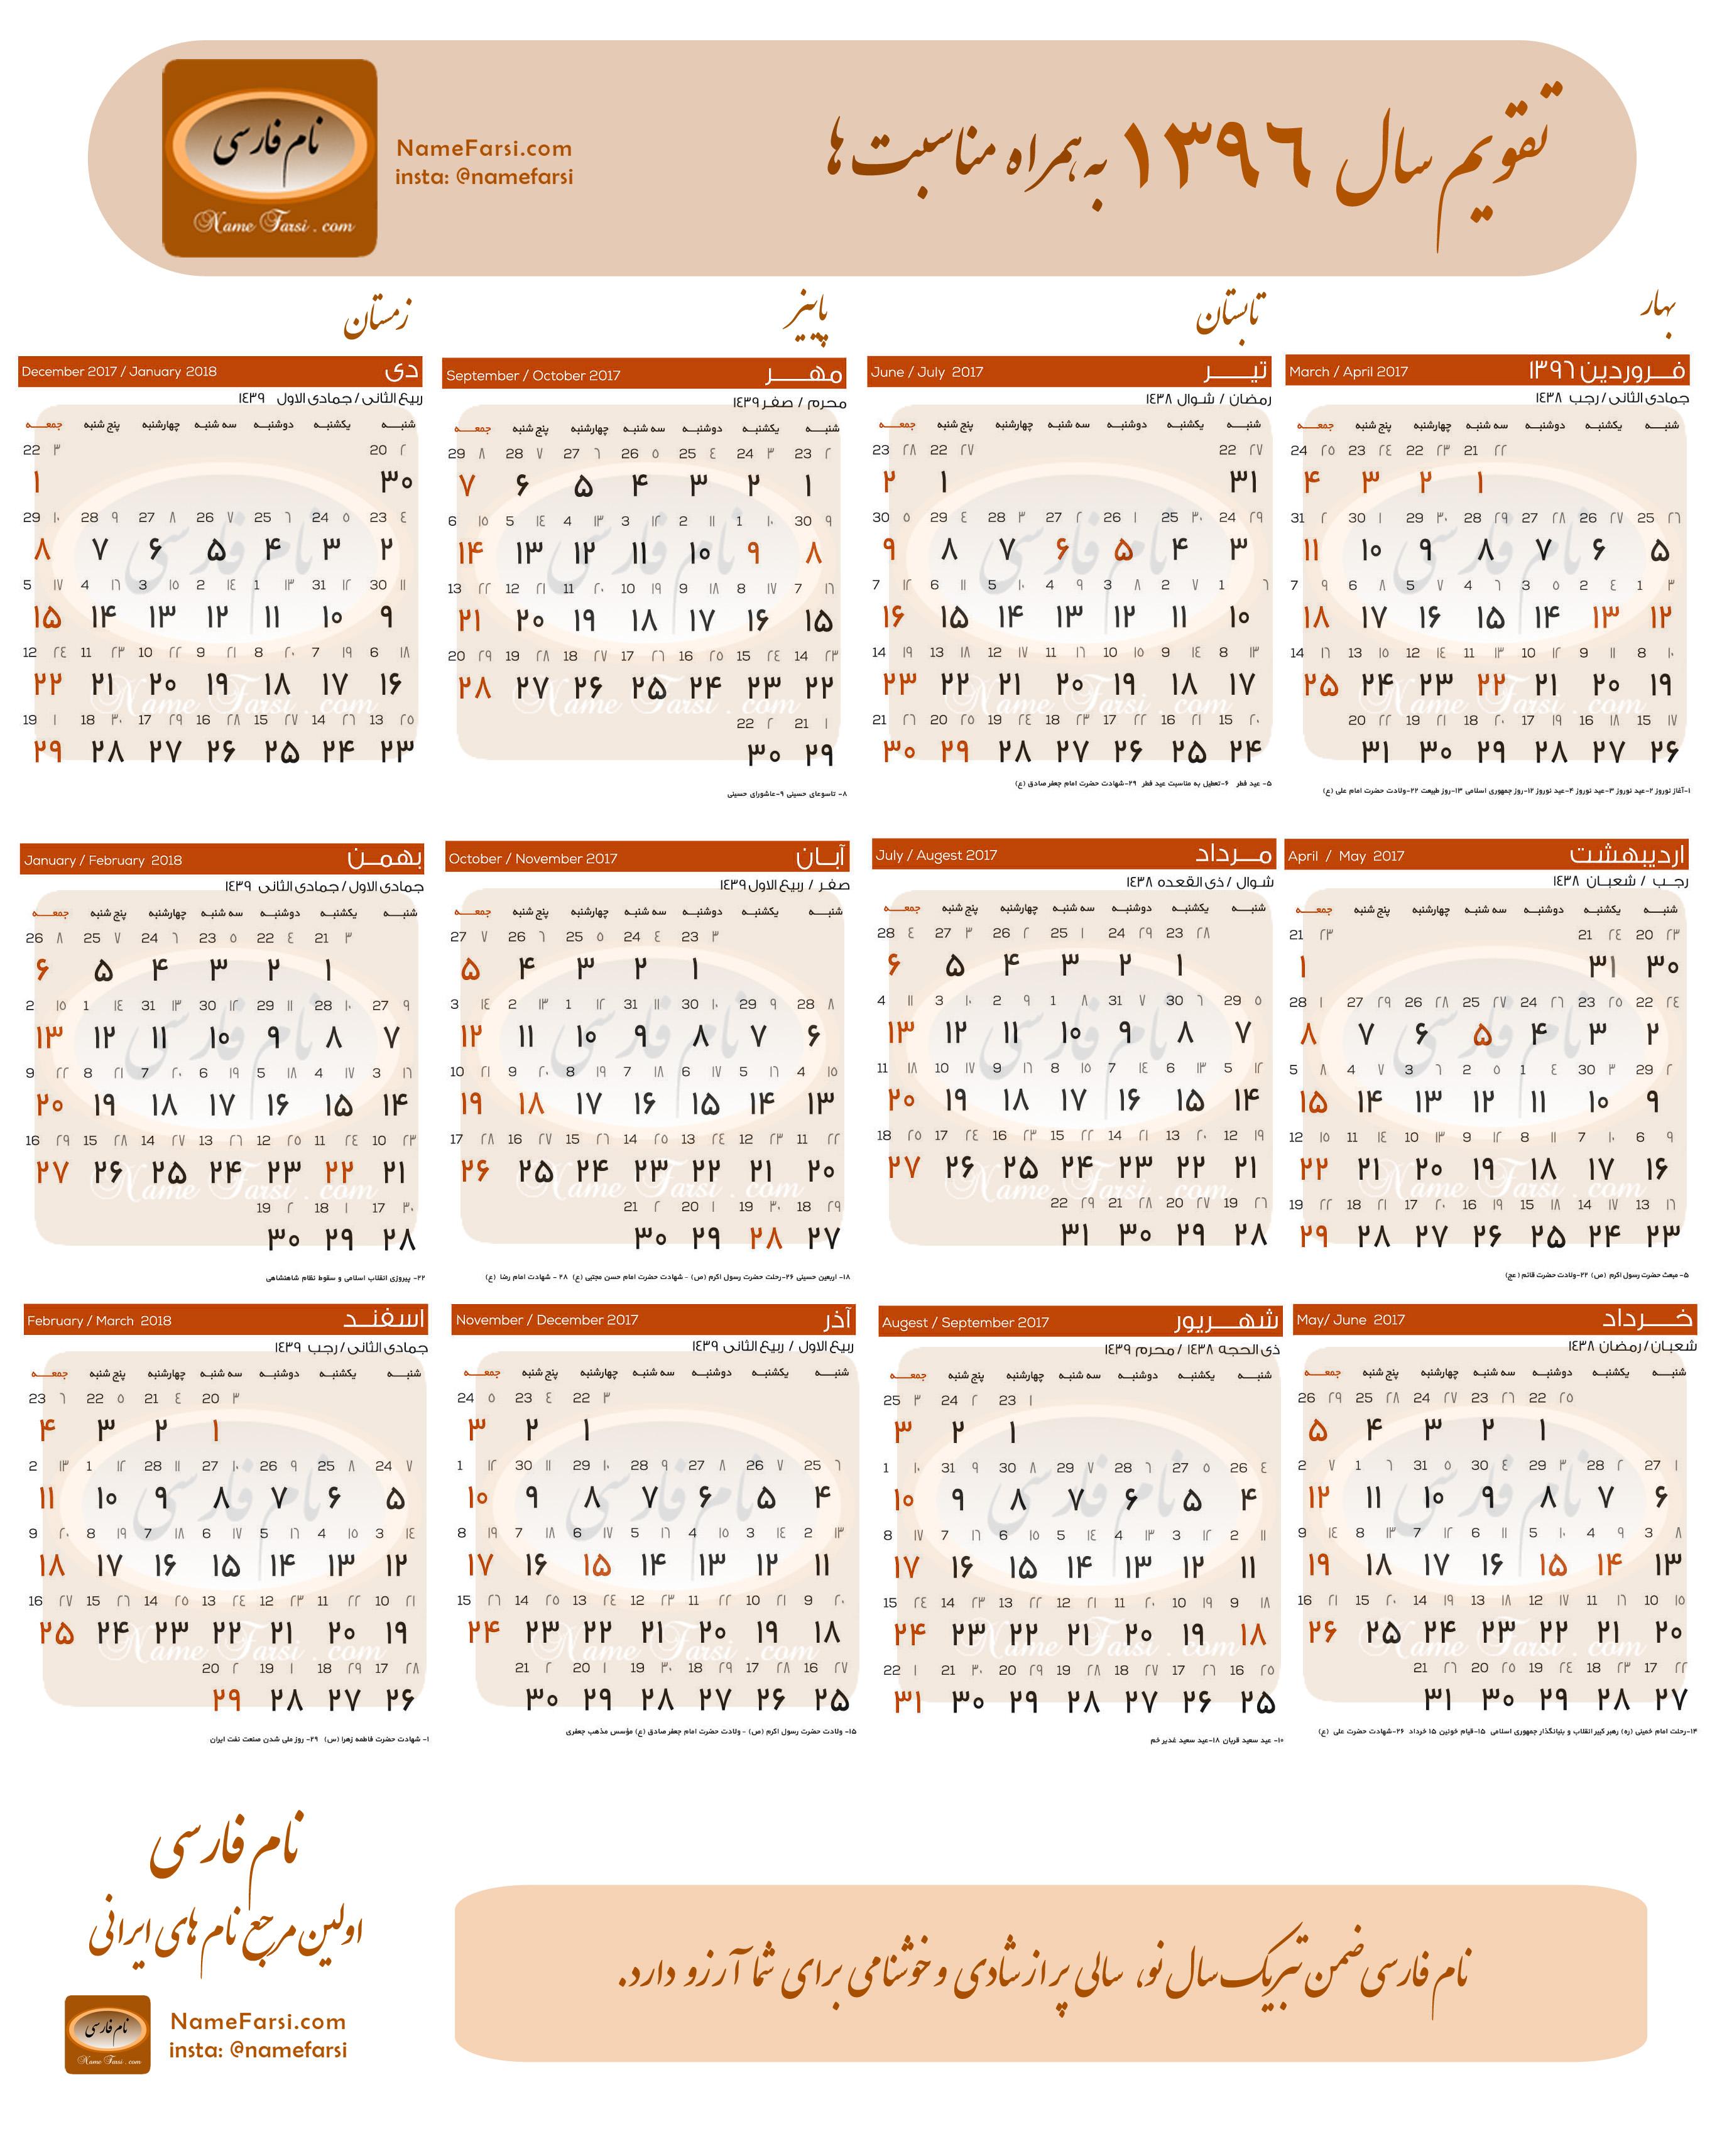 هوا در تعطیلات 96 تقویم 96 در یک نگاه | نام فارسی